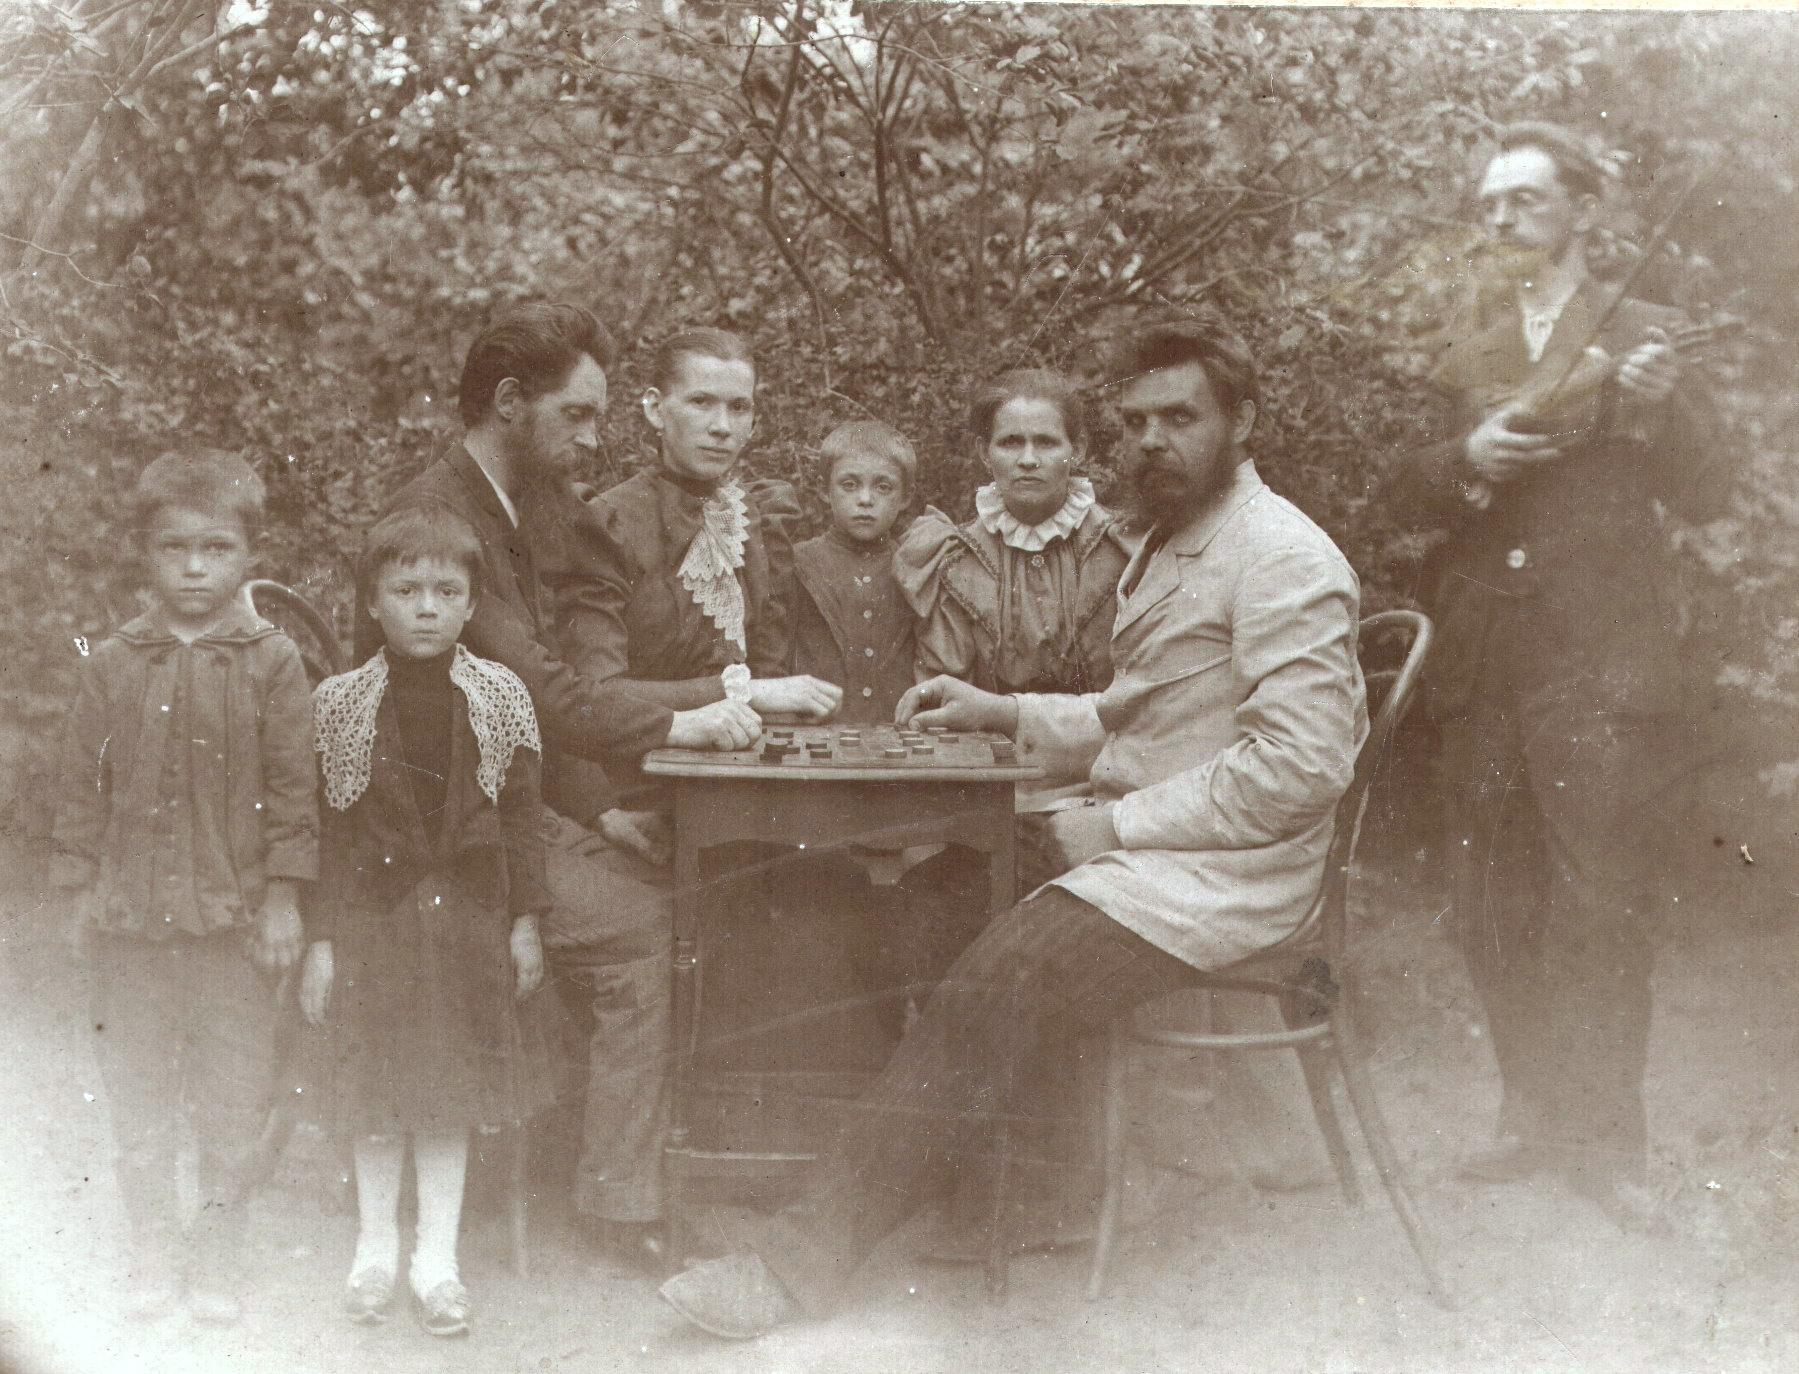 Игра в шашки в саду дома. Слева (сидит за столом) Виктор Петрович Тагунов. Справа стоит музыкант со скрипкой.1910-е